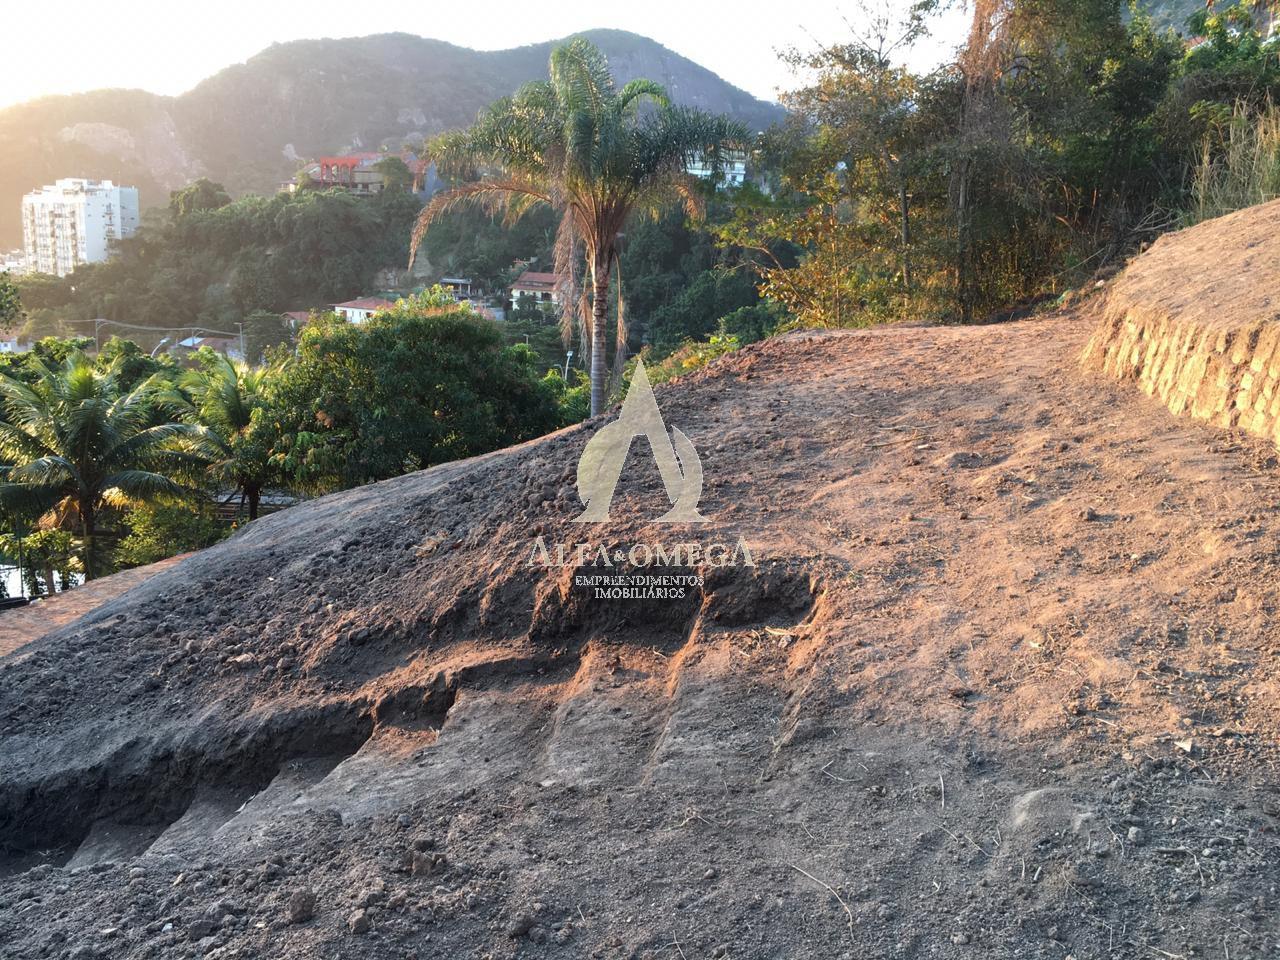 FOTO 17 - Terreno 2000m² à venda Joá, Rio de Janeiro - R$ 1.500.000 - AOT00001 - 18